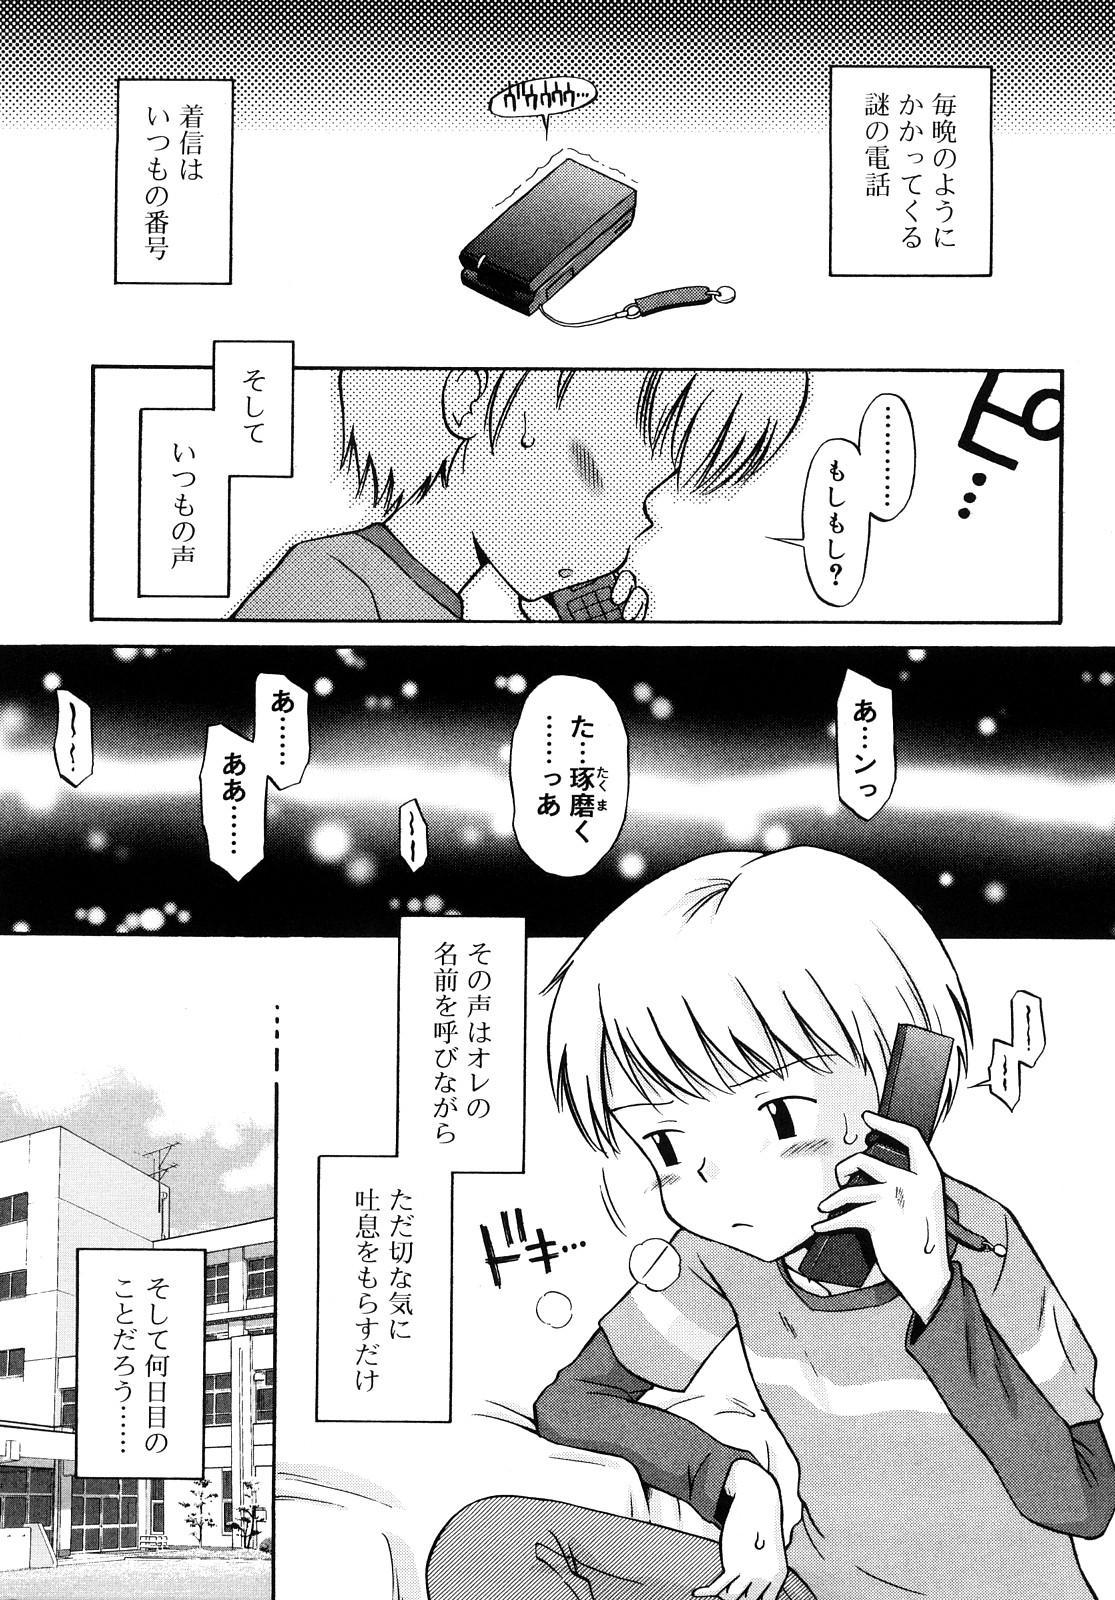 Komugiiro Rhapsody 137